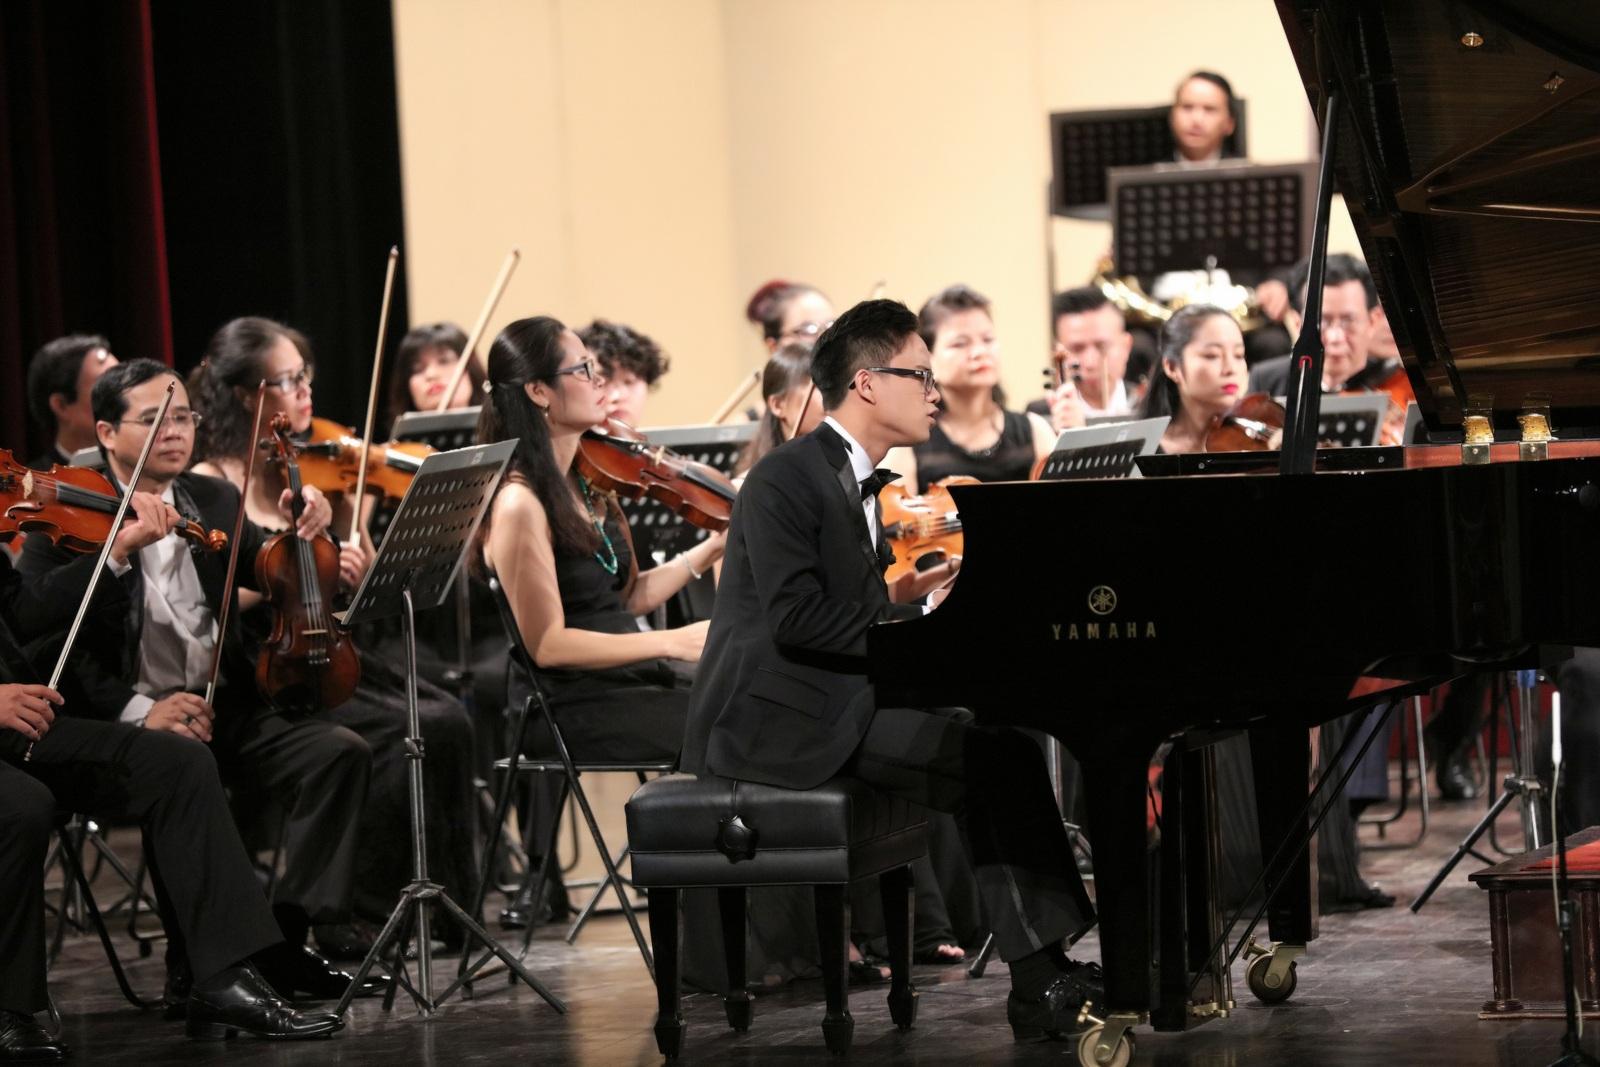 Tối qua, Nguyễn Việt Trung đã mở màn với bản Rosamunde của Schebert và concerto số 2 của Chopin.